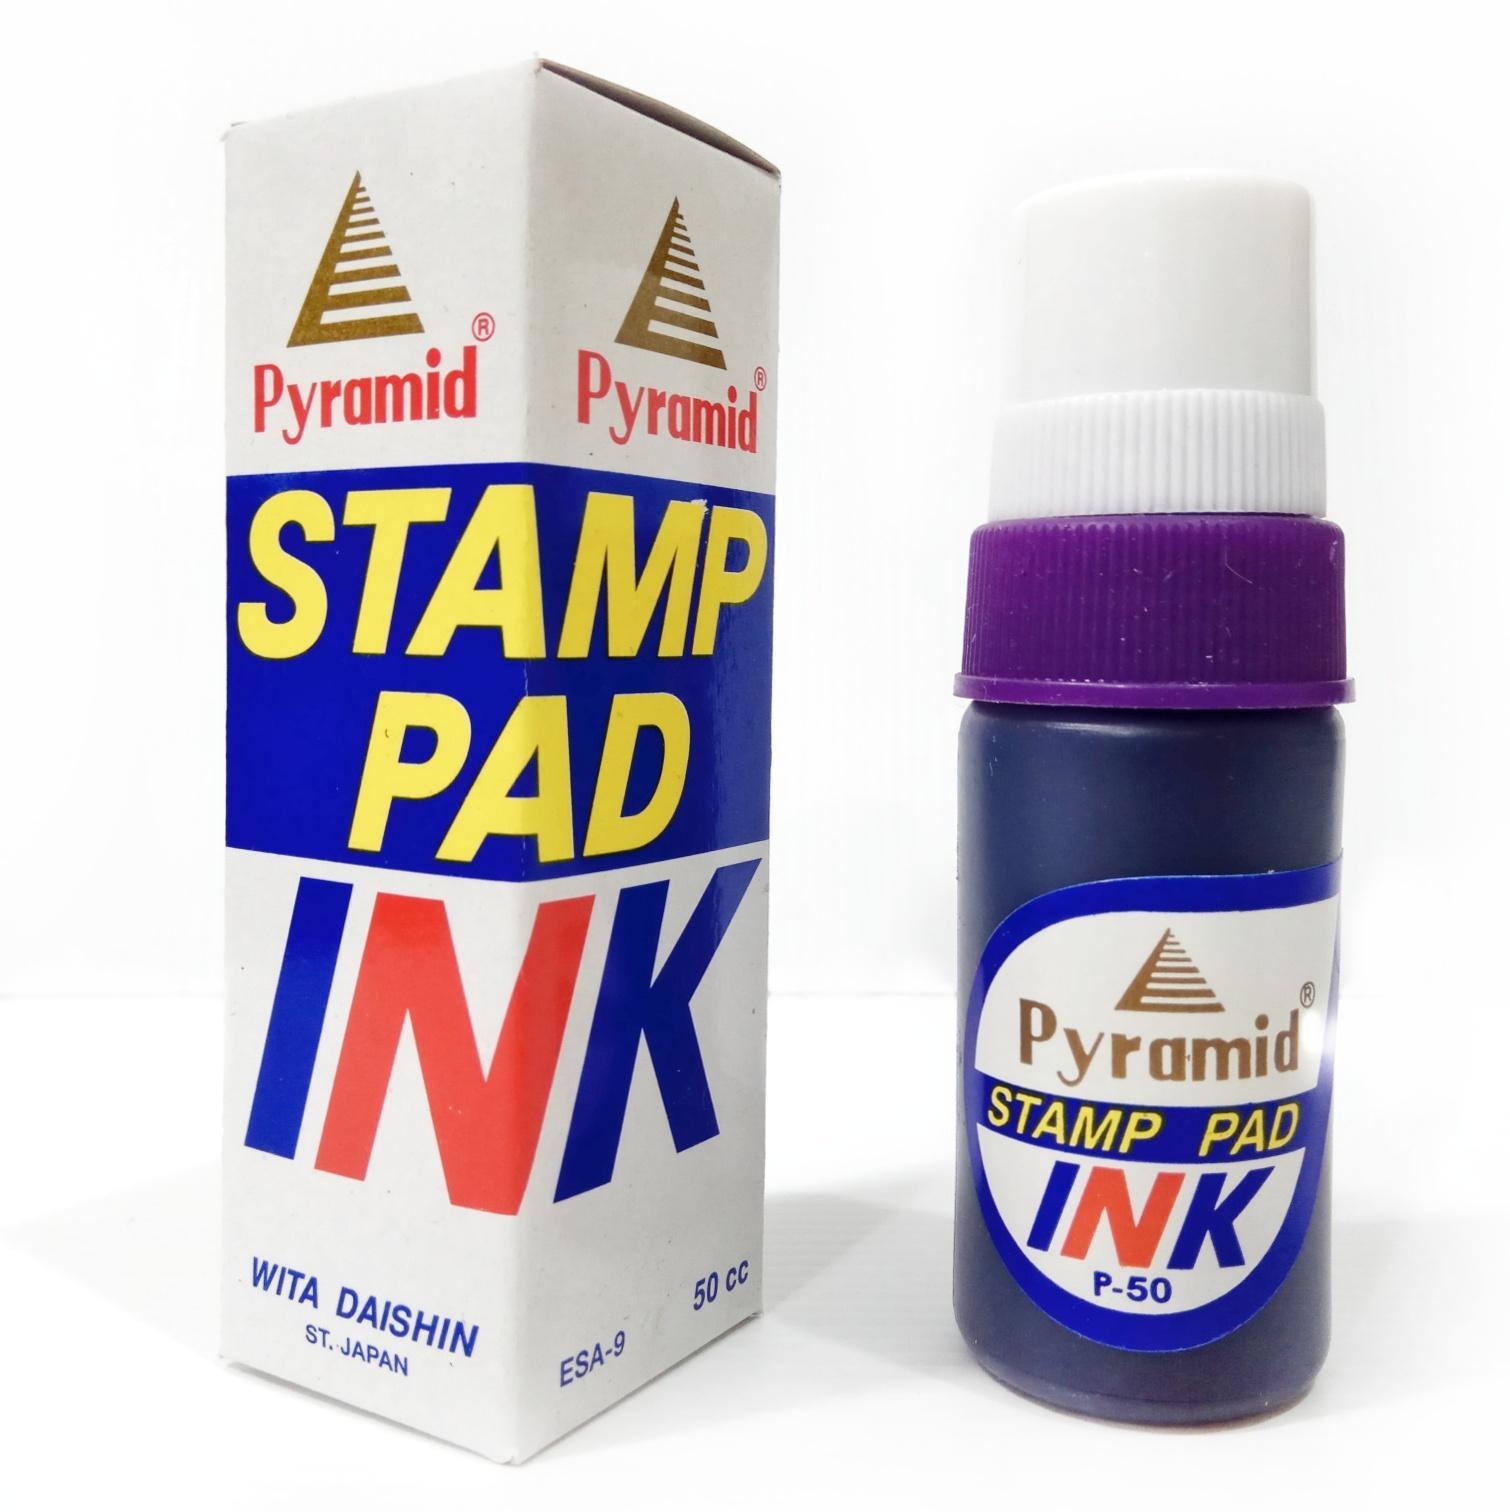 Tinta Stempel Pyramid Stamp Pad Ink Pyramid 50 cc